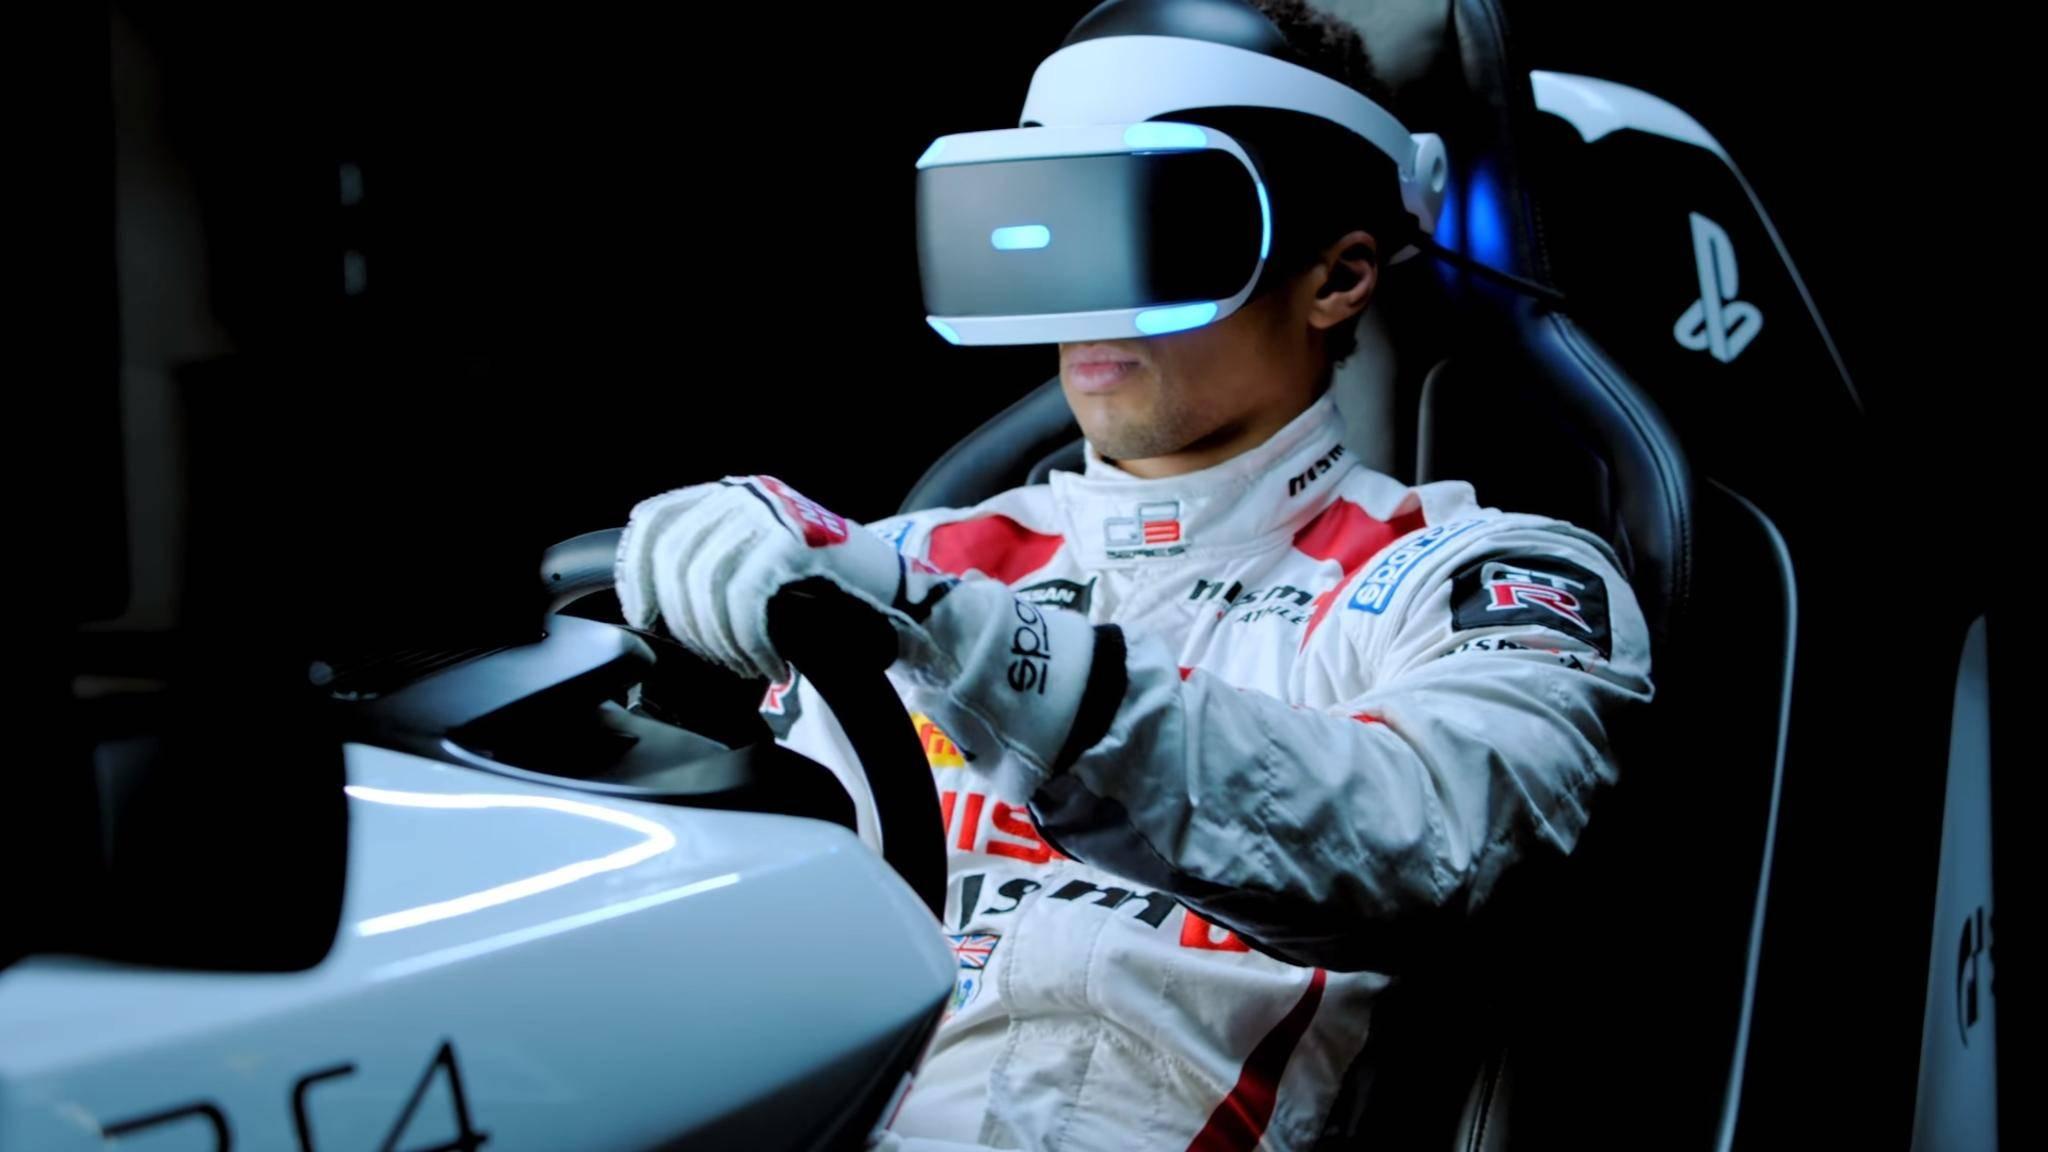 Sony plant spannende neue Features für PSVR.